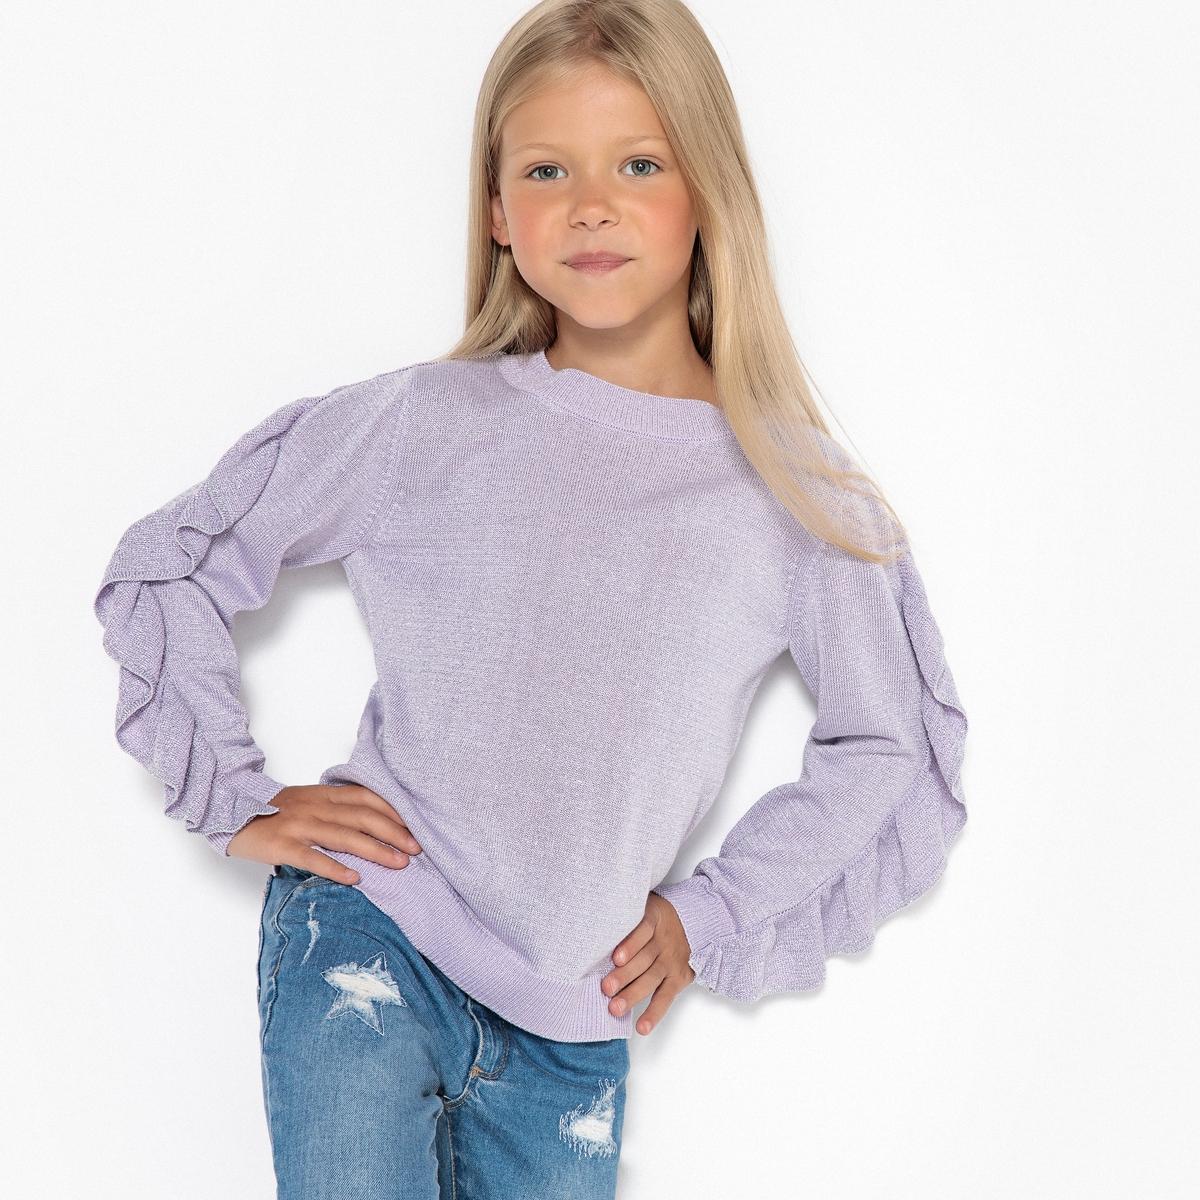 Пуловер La Redoute Из тонкого блестящего трикотажа 12 лет -150 см розовый пуловер из блестящего трикотажа 3 12 лет